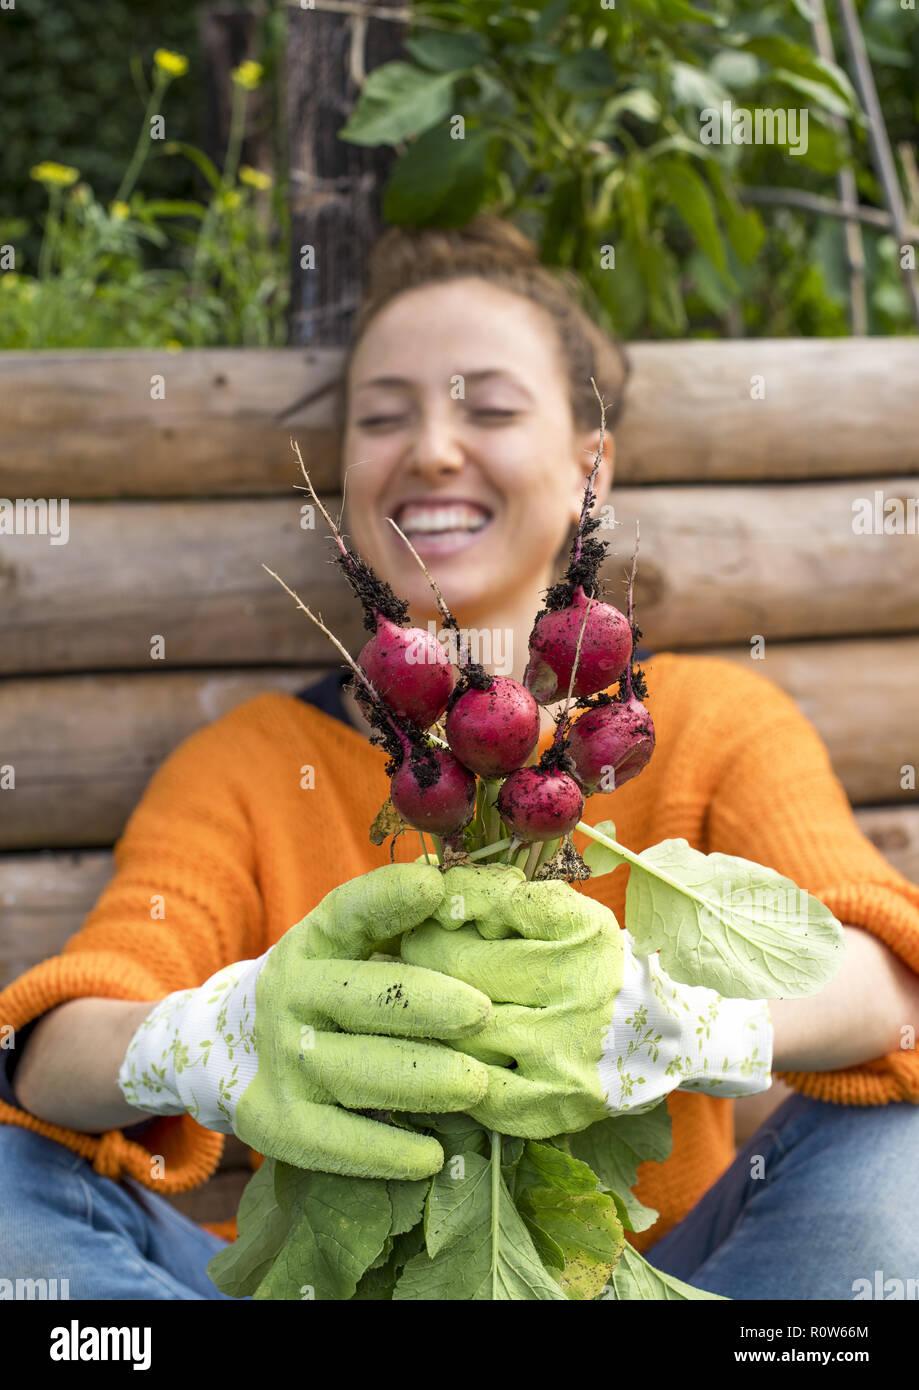 Junge Frau im Garten, erntet Radieschen (model-released) Stock Photo